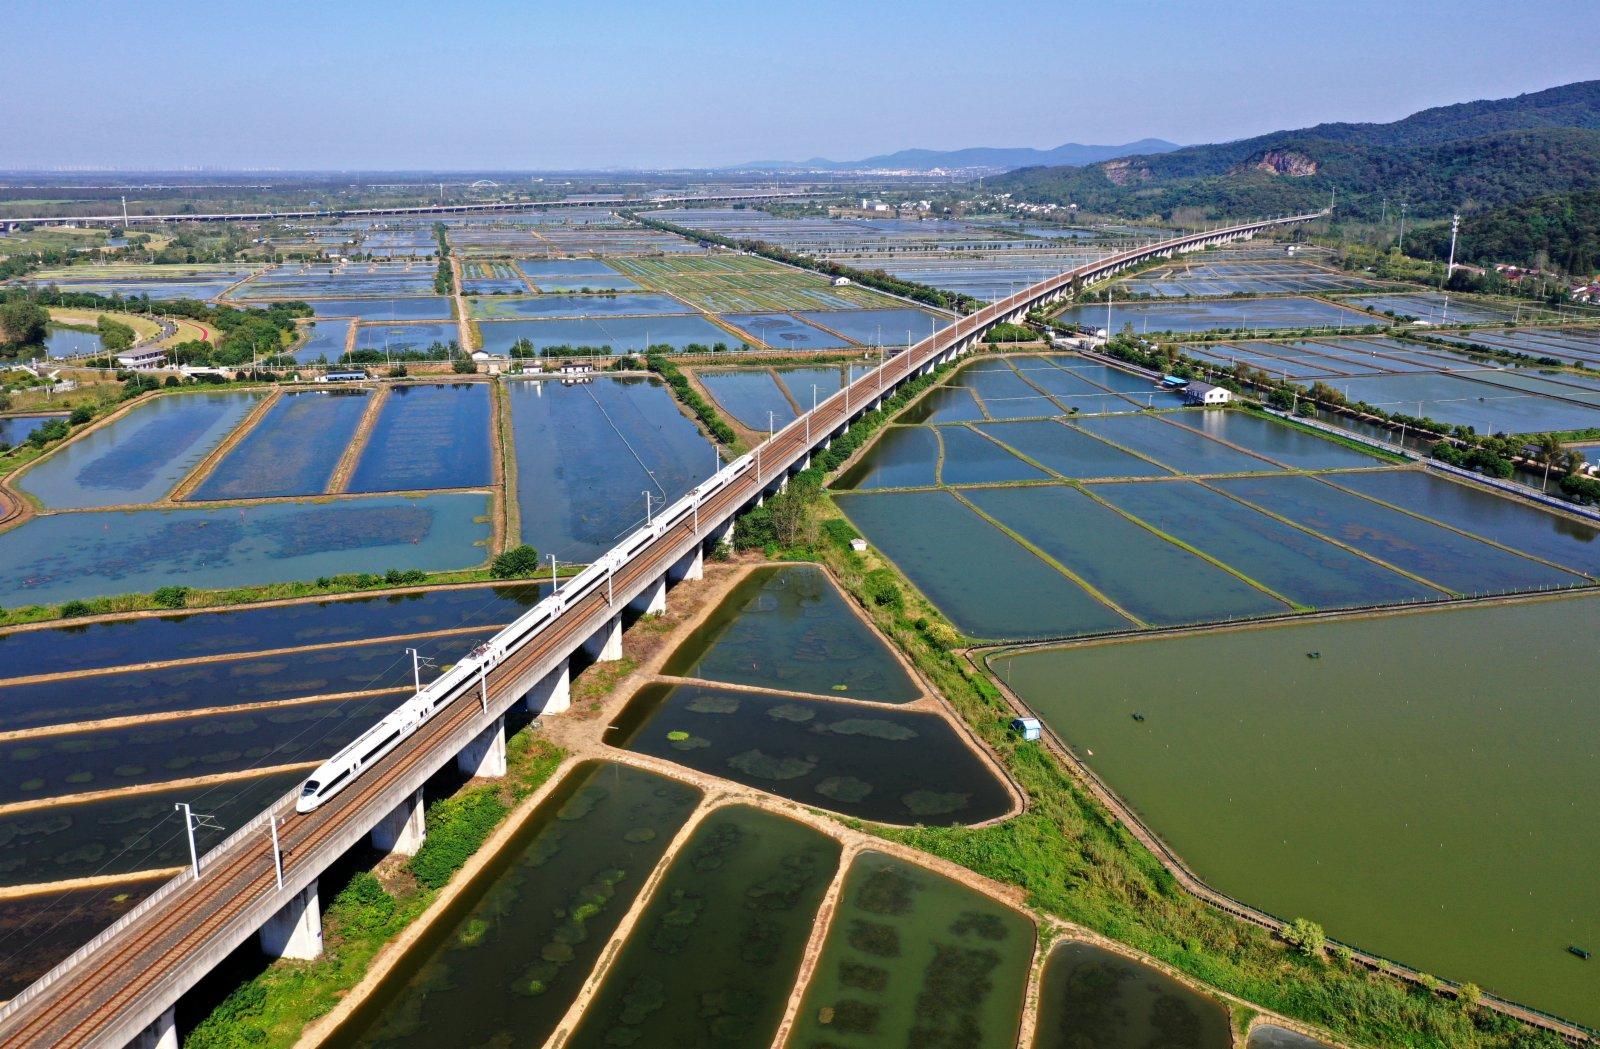 9月22日,列車從安徽省全椒縣十字鎮滁河圩區水產養殖基地上奔馳而過。(新華社)